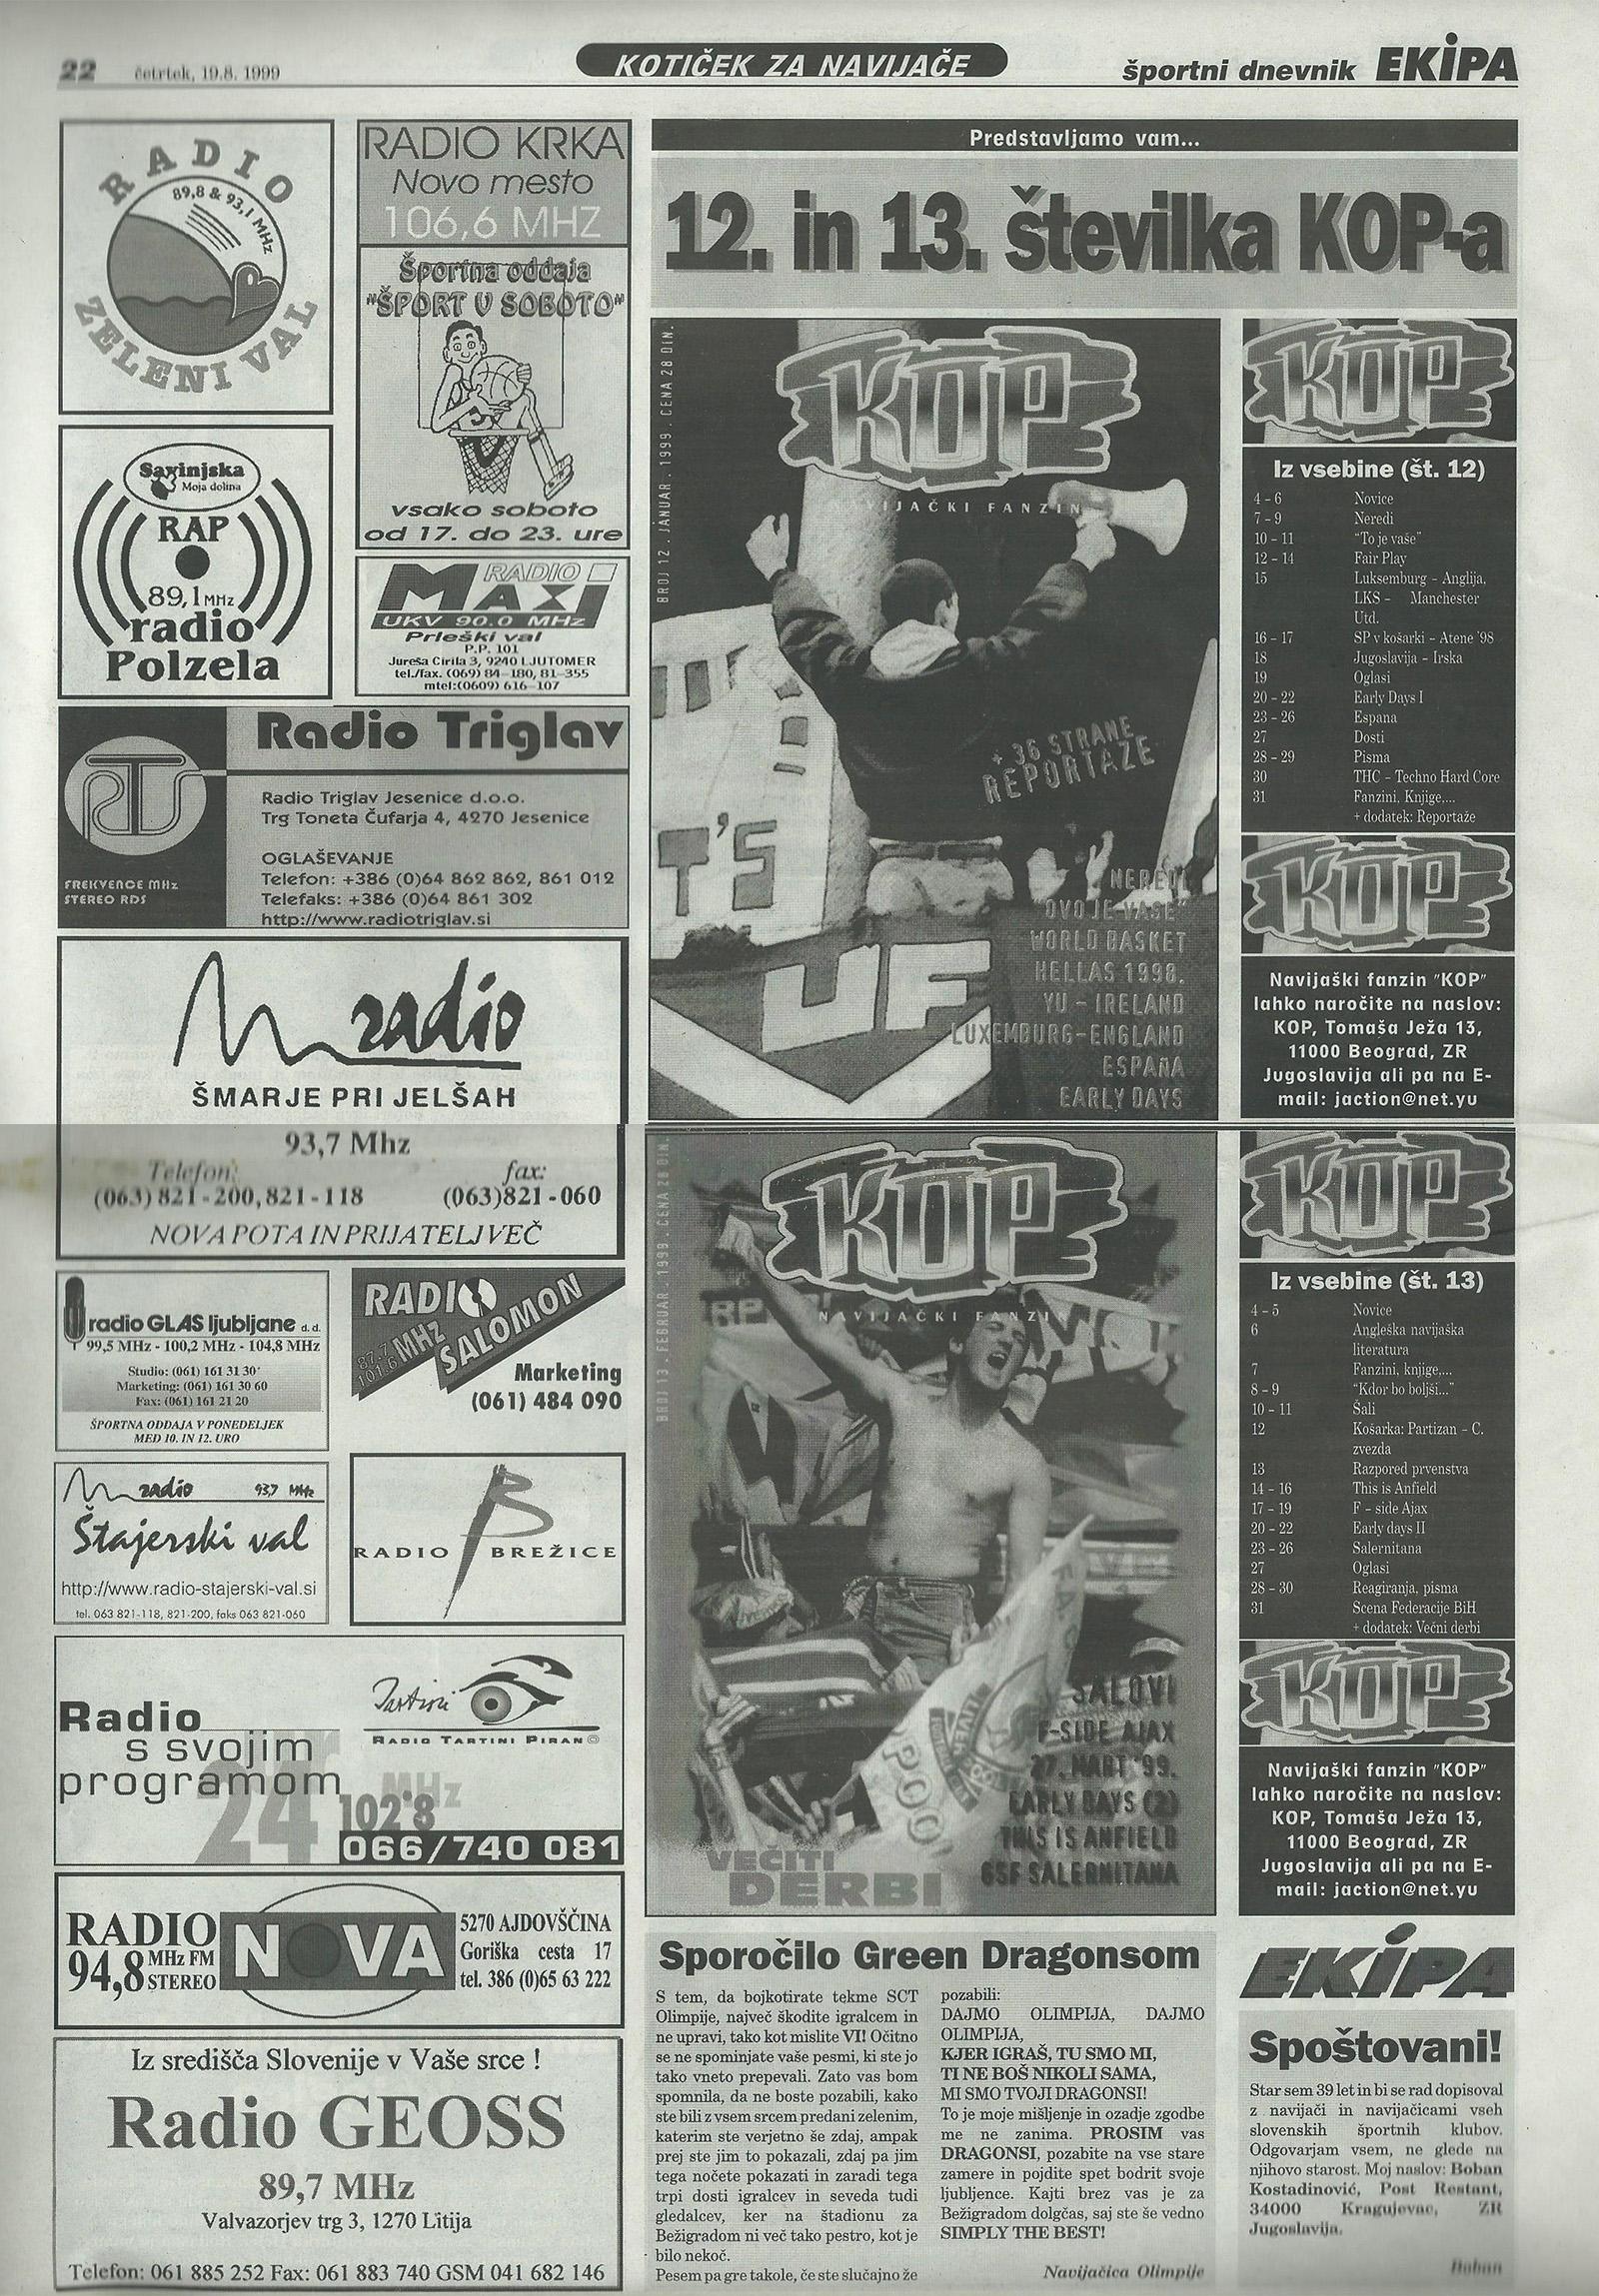 KZN_19-8-1999_1600px